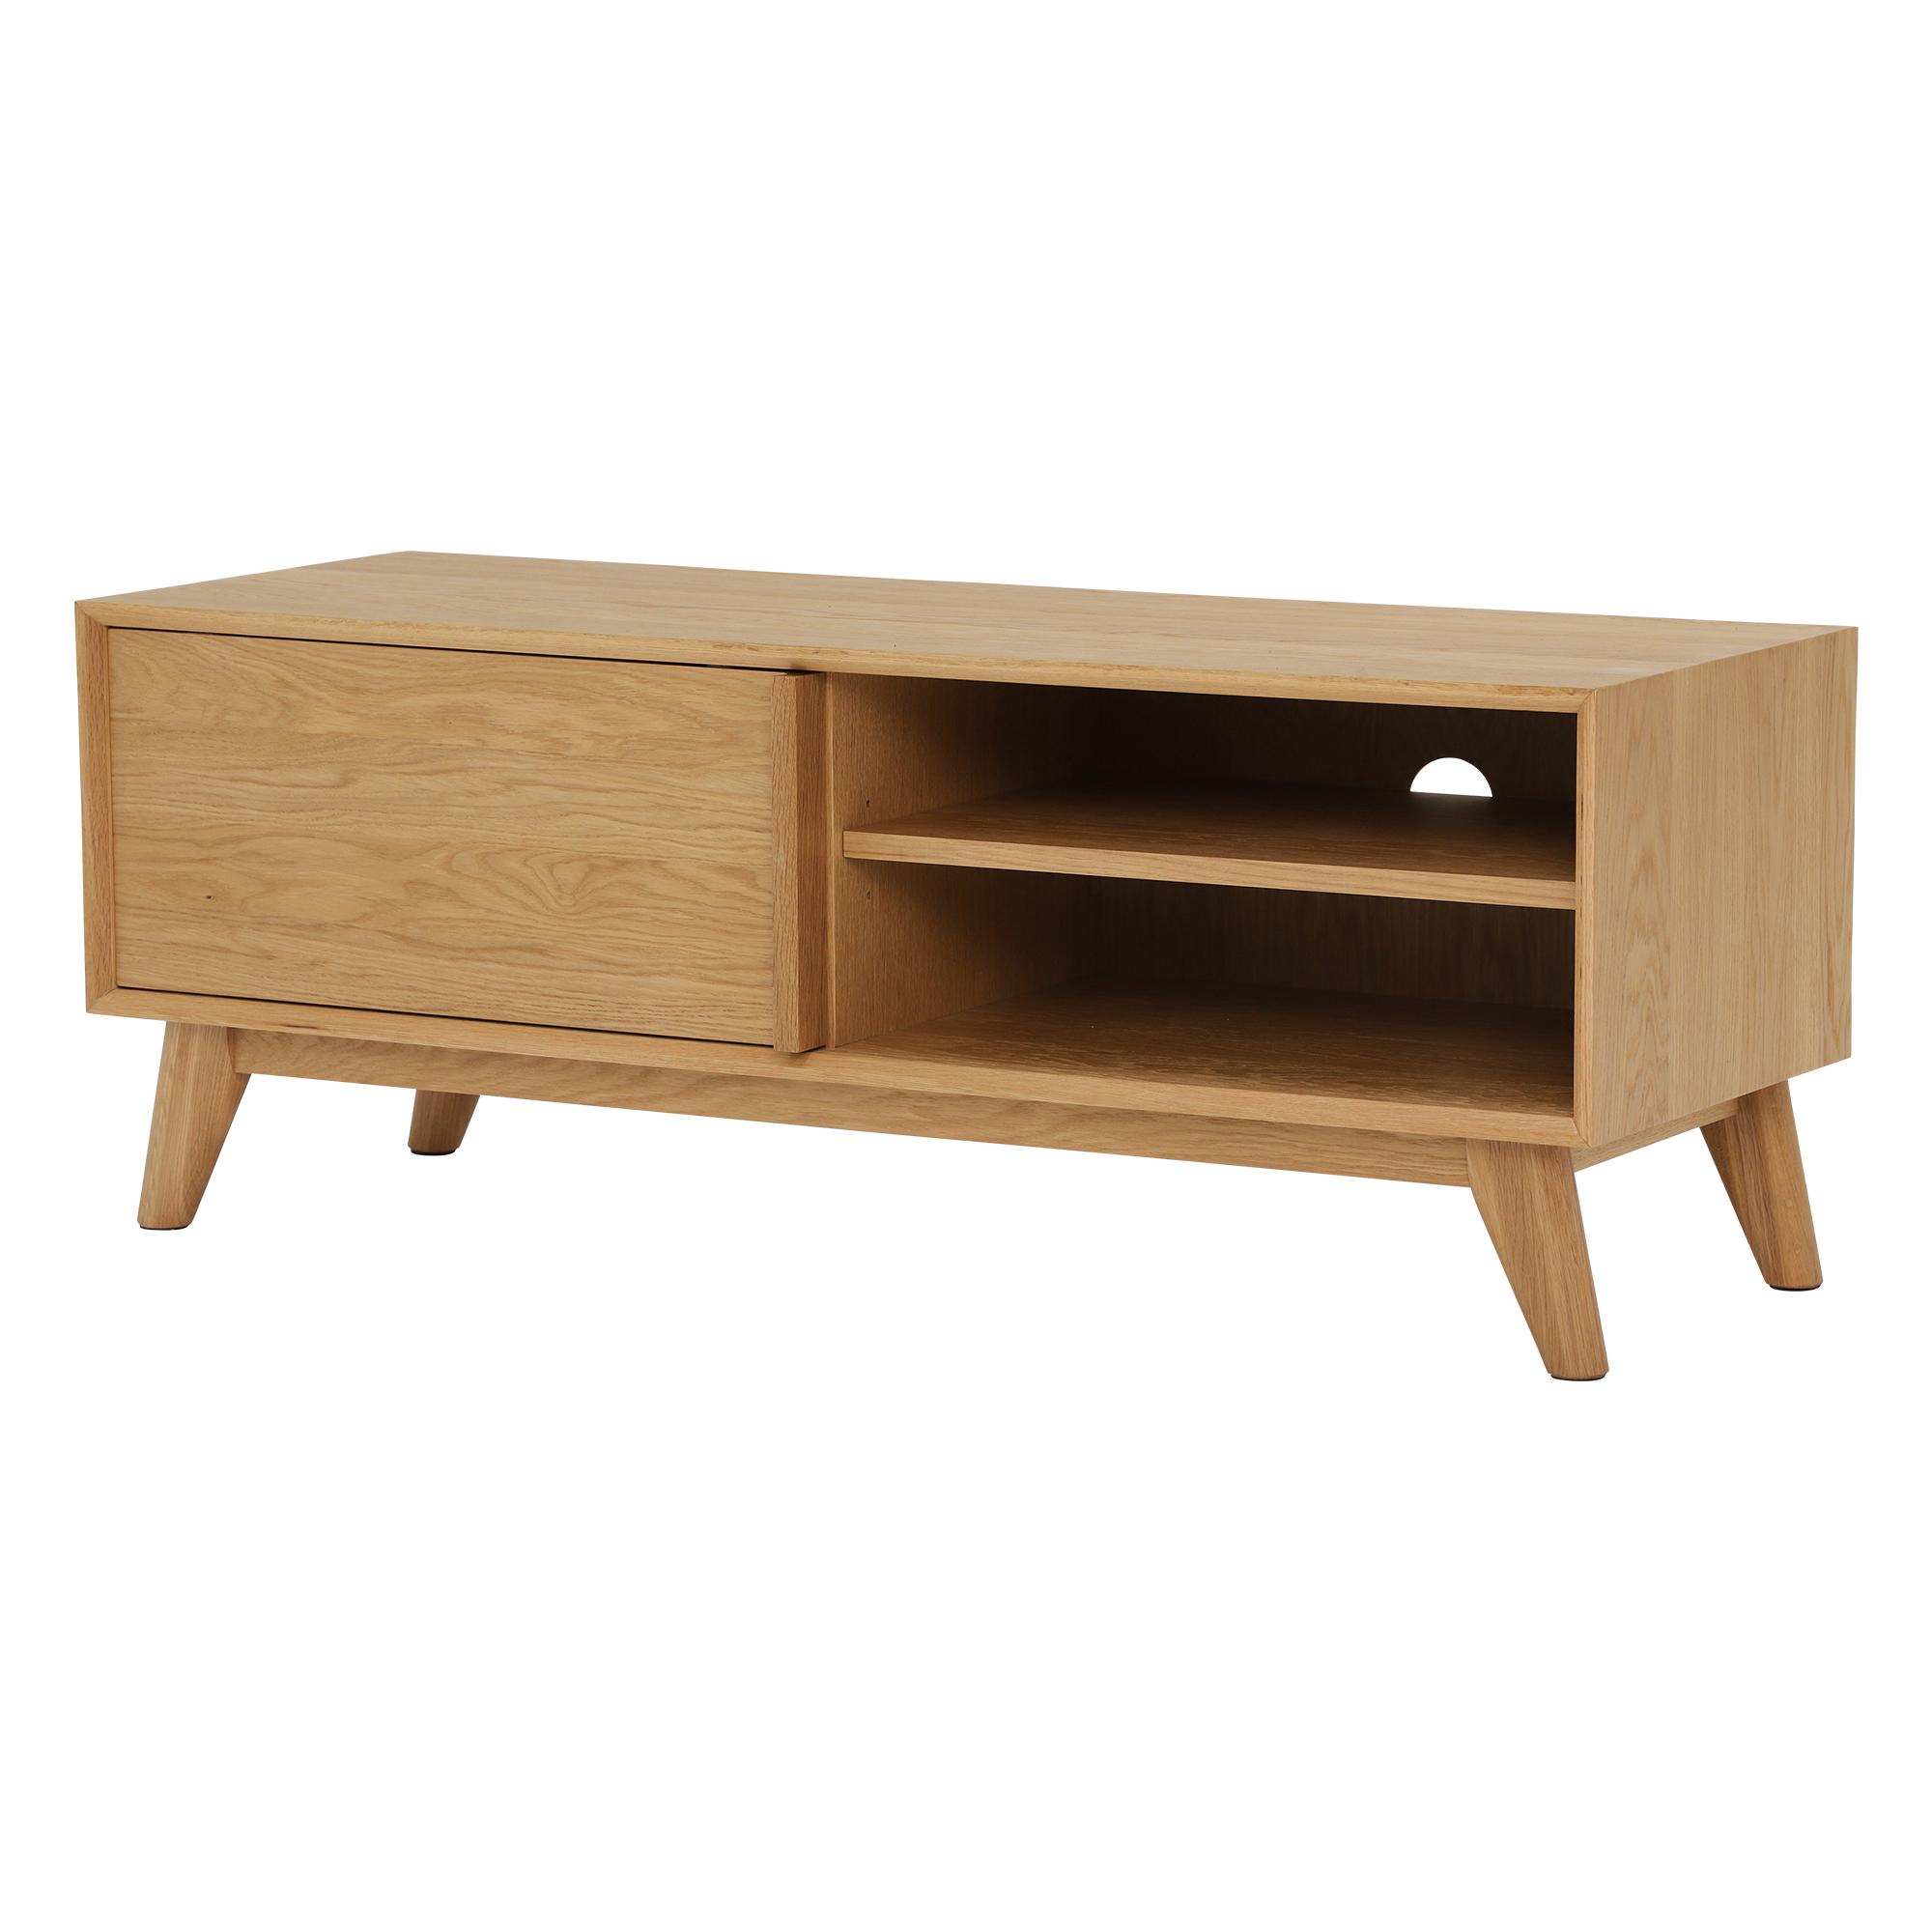 Trendy Oak Tv Stands Pertaining To Lund 1 Door Oak Tv Cabinet (View 14 of 20)